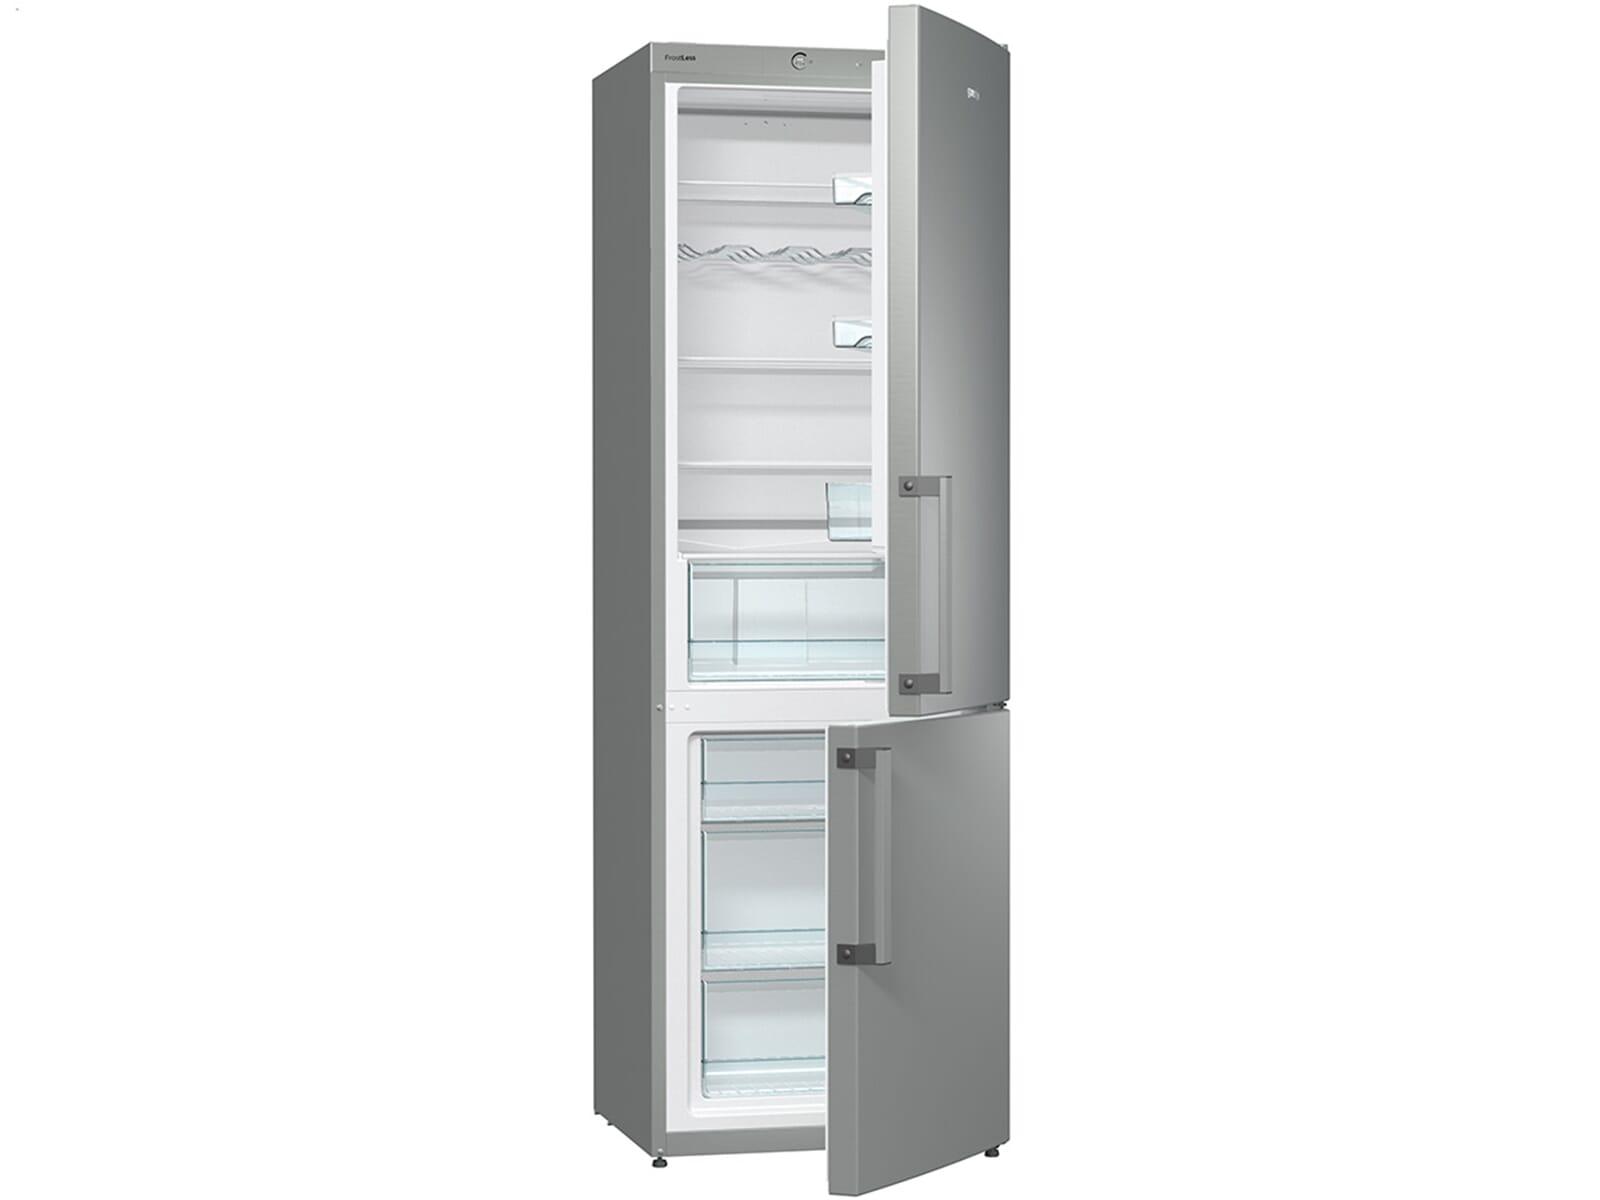 Gorenje Kühlschrank Flaschenfach : Gorenje rk 6192 ax kühl gefrierkombination inox